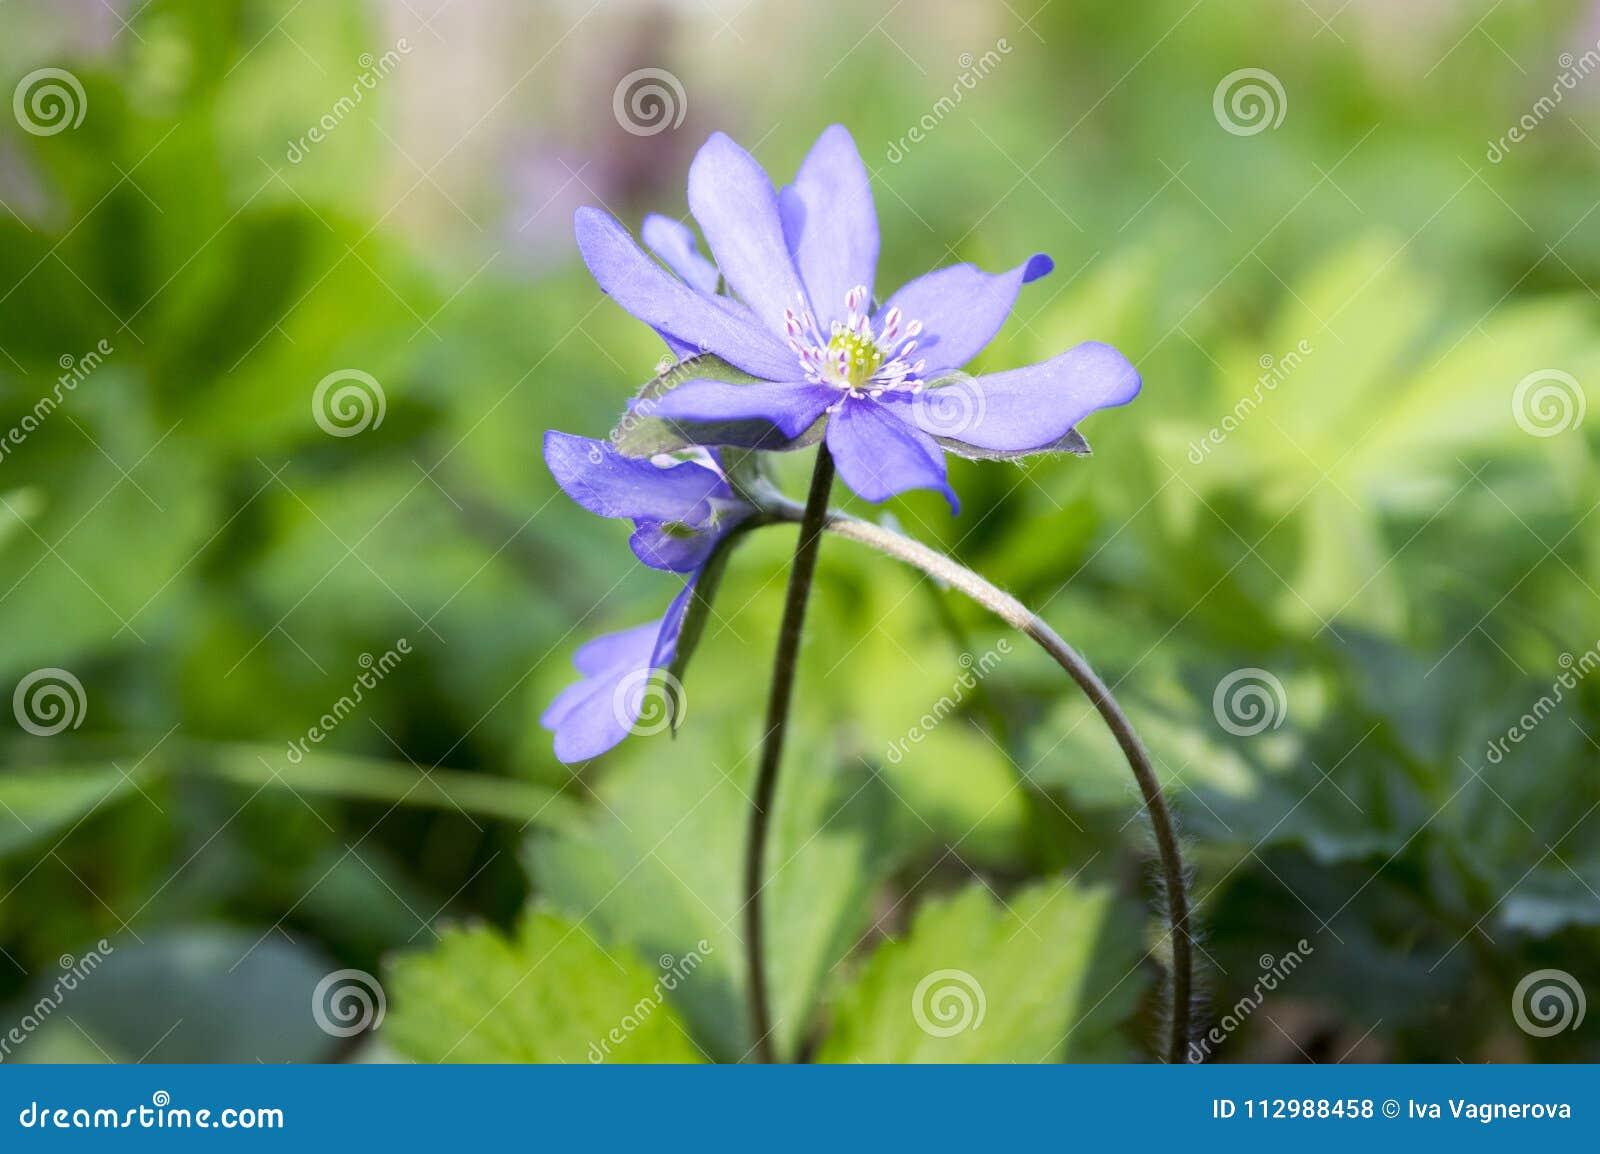 Hepatica nobilis in bloom, early spring wildflowers